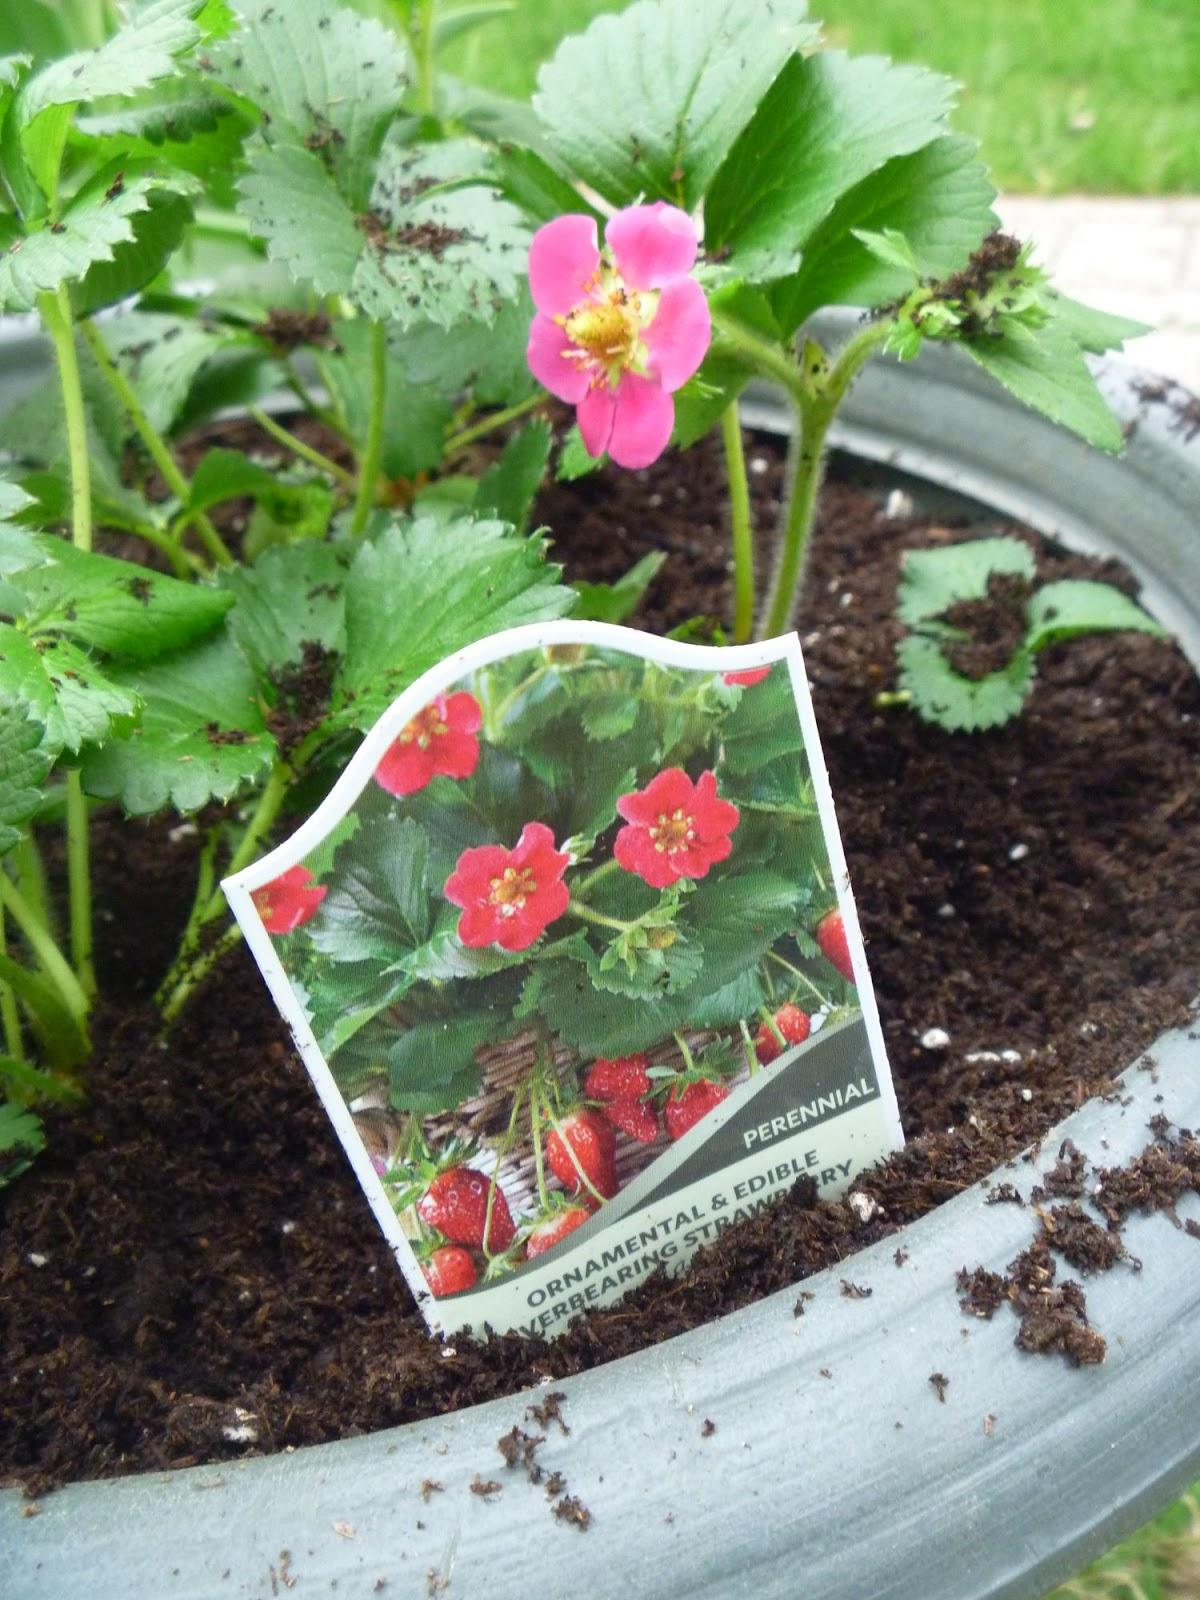 My homemade iowa life hot pink flowering strawberry hot pink flowering strawberry mightylinksfo